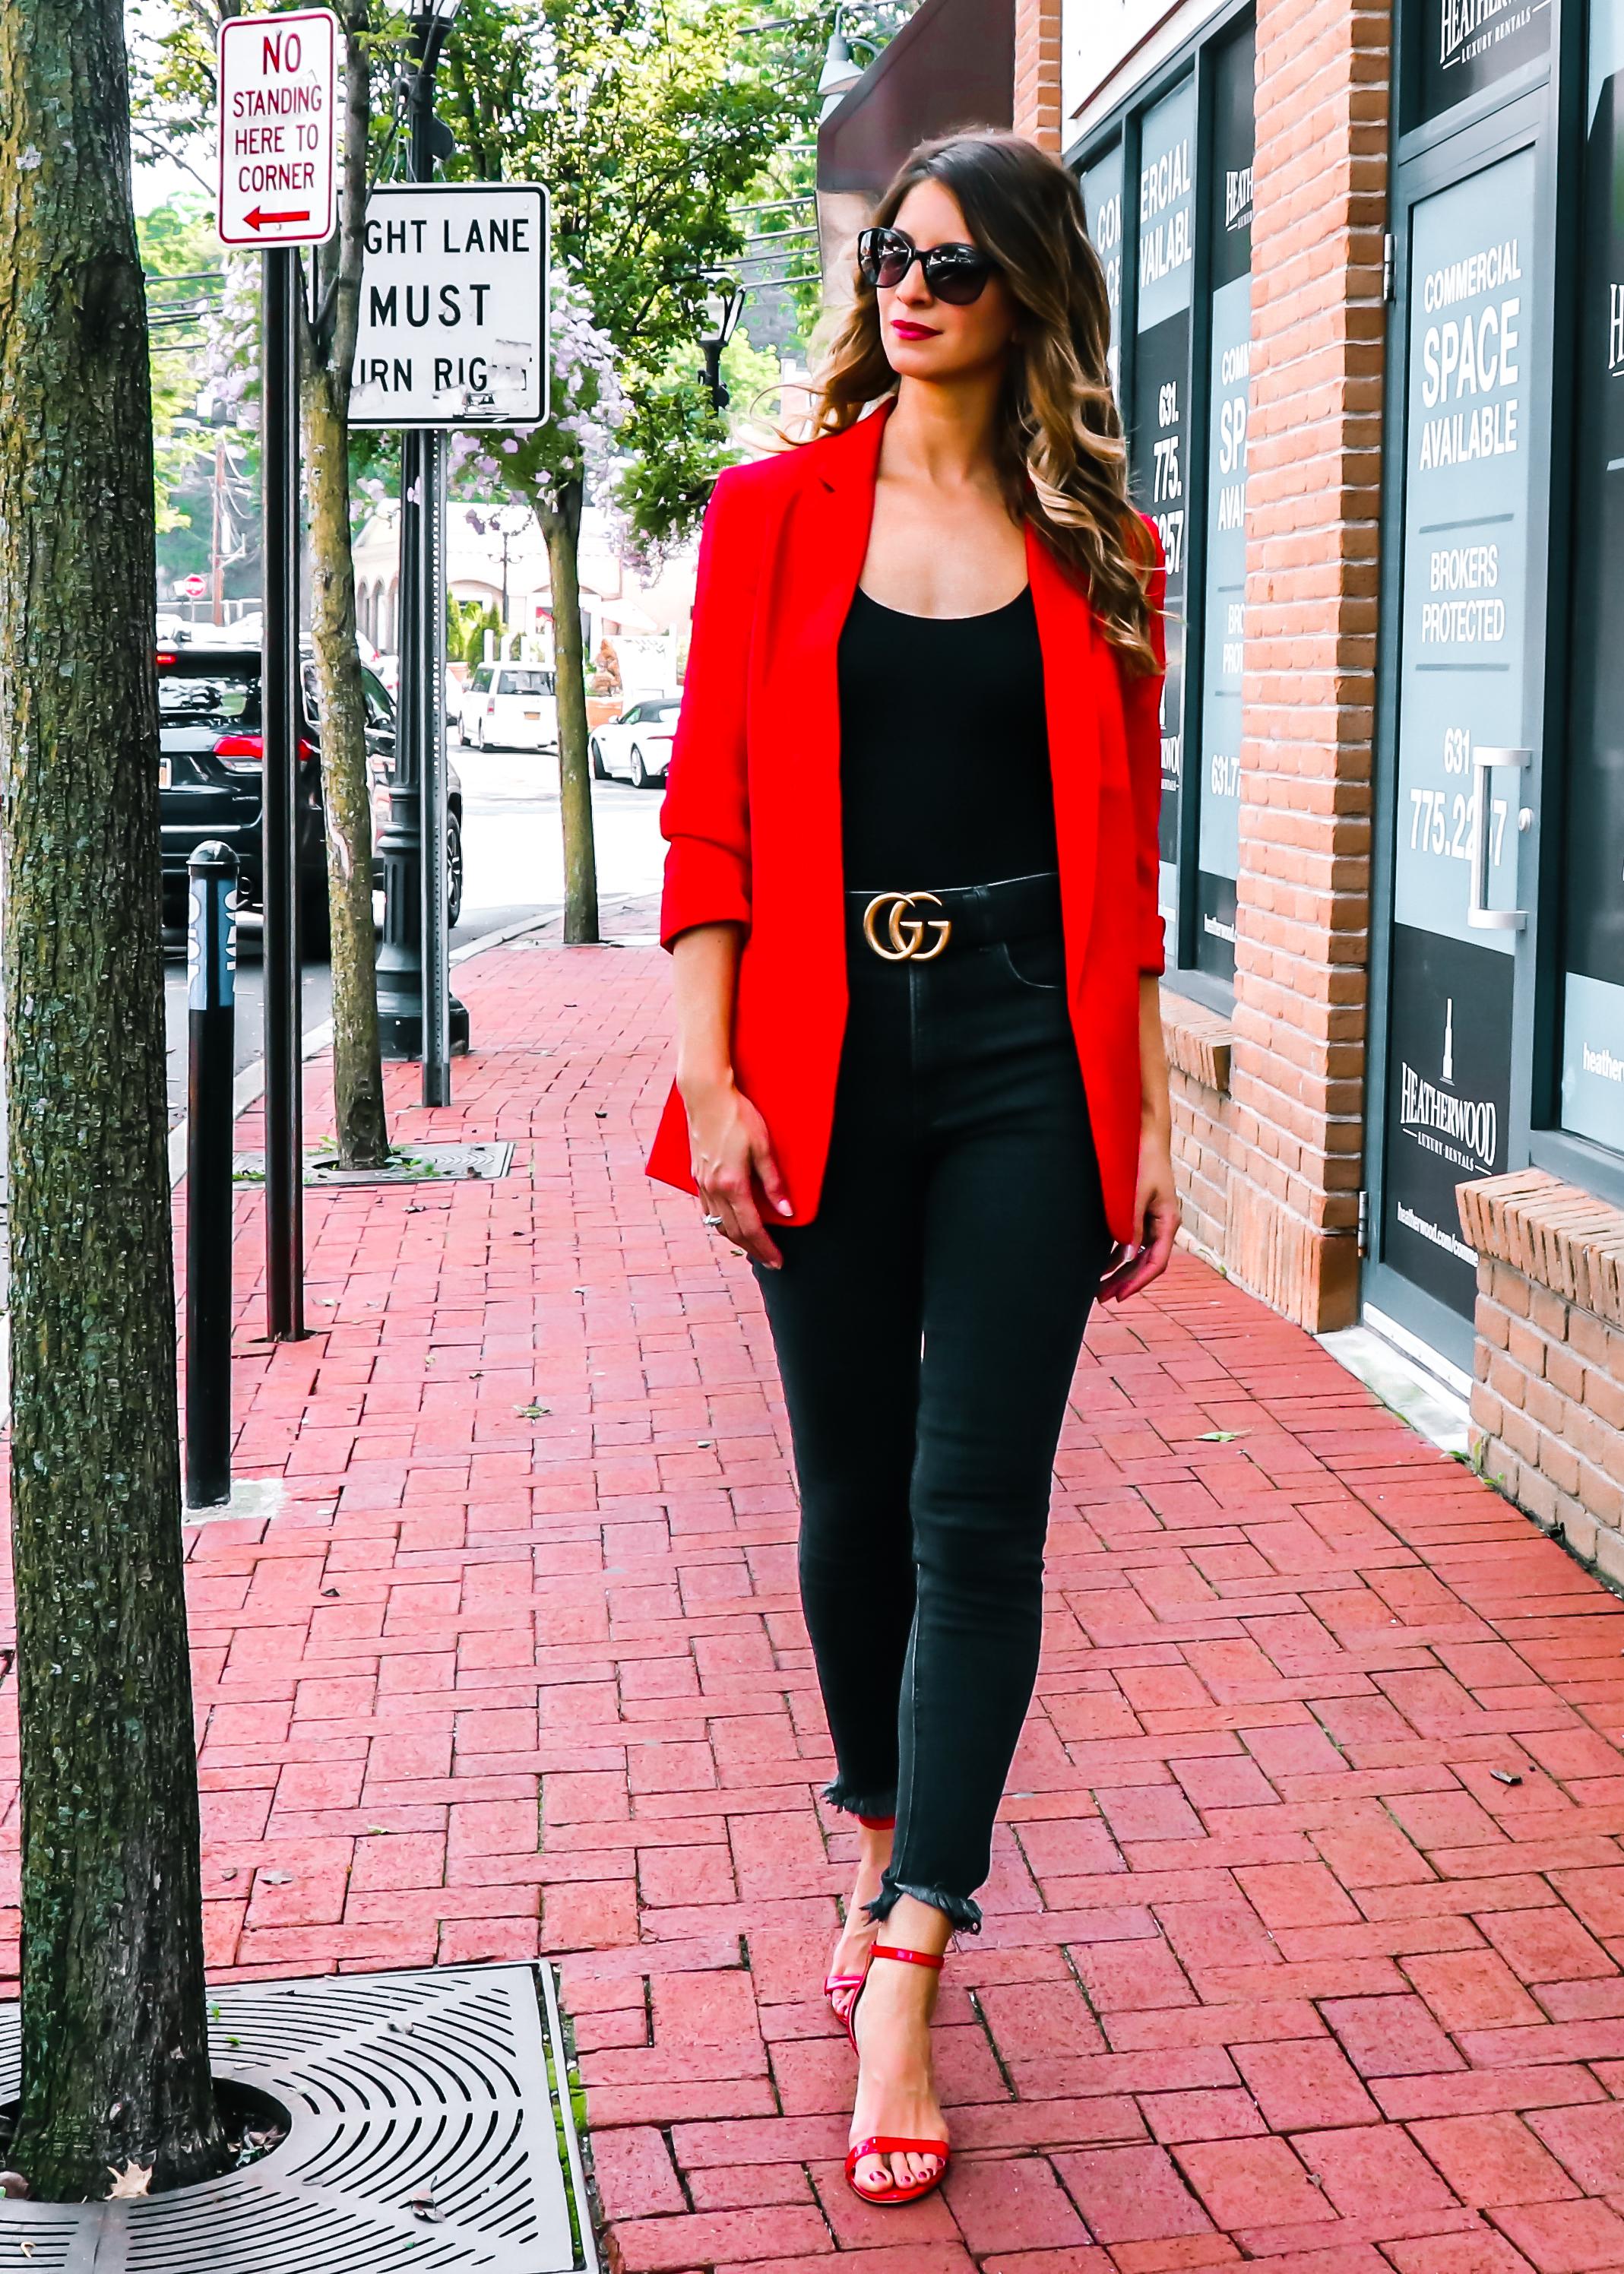 red outside shot - for post.jpg